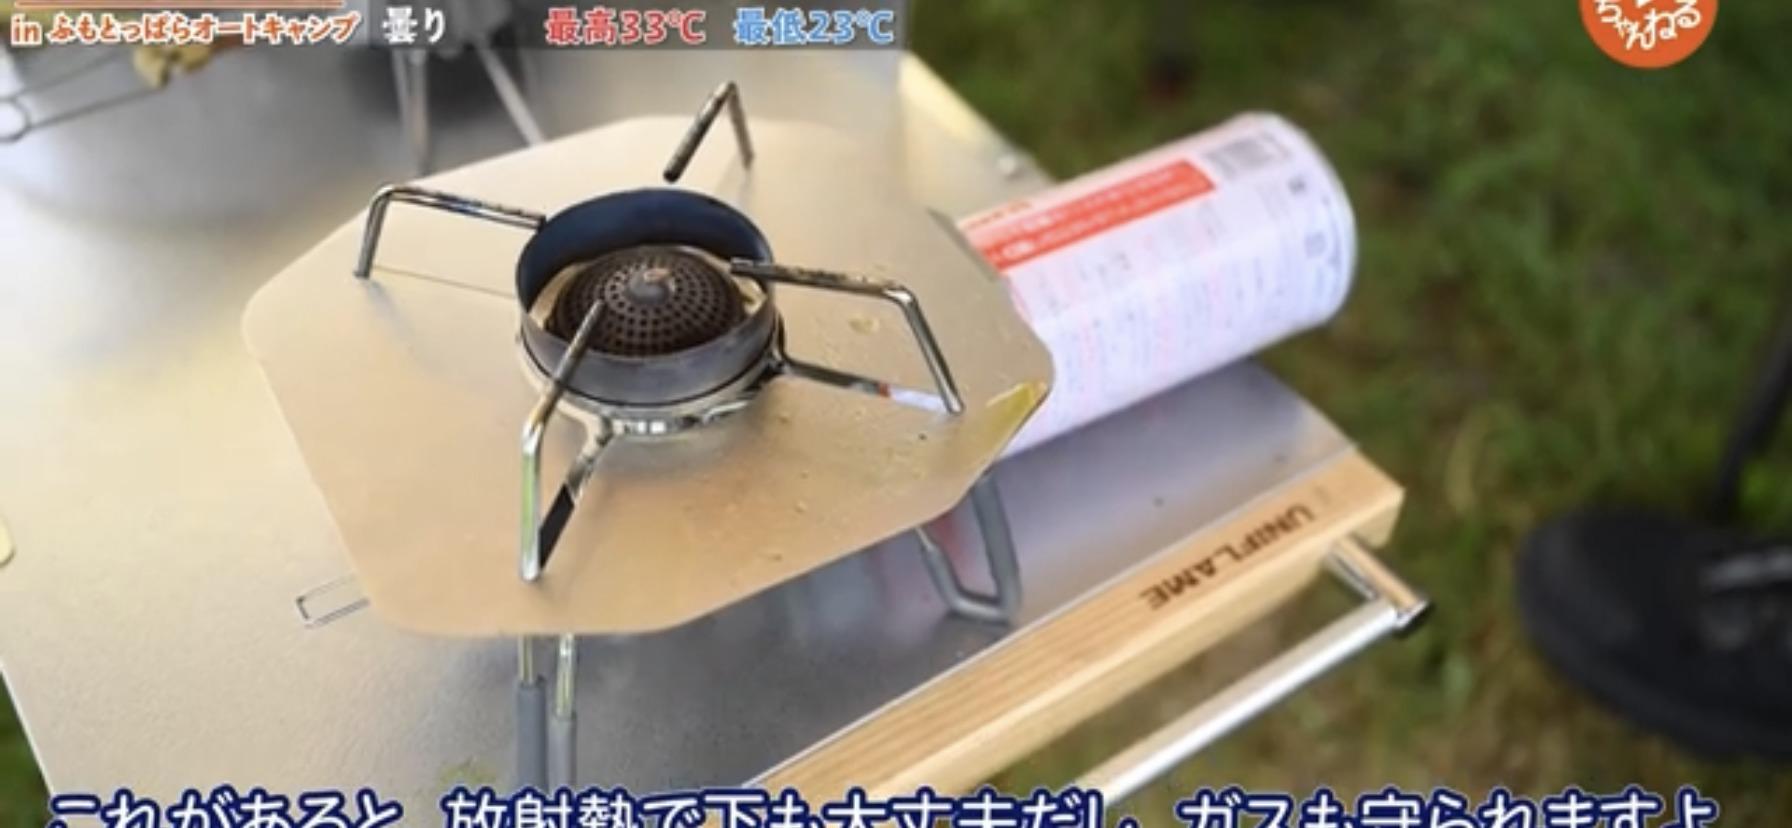 コンロ:【SOTO(ソト)】レギュレーターストーブ FUSION(フュージョン) ST-330